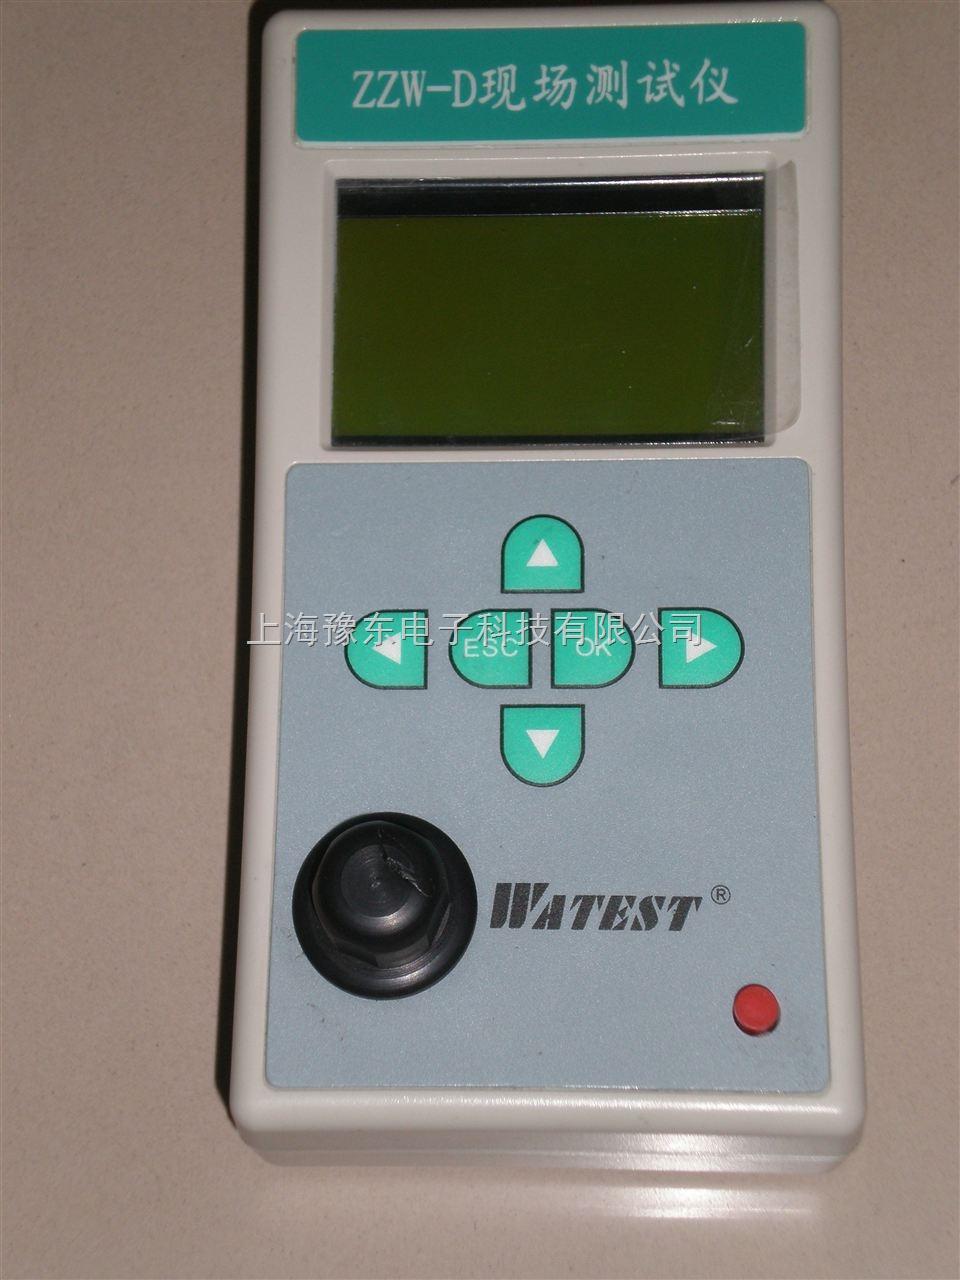 便携式毒物测试仪